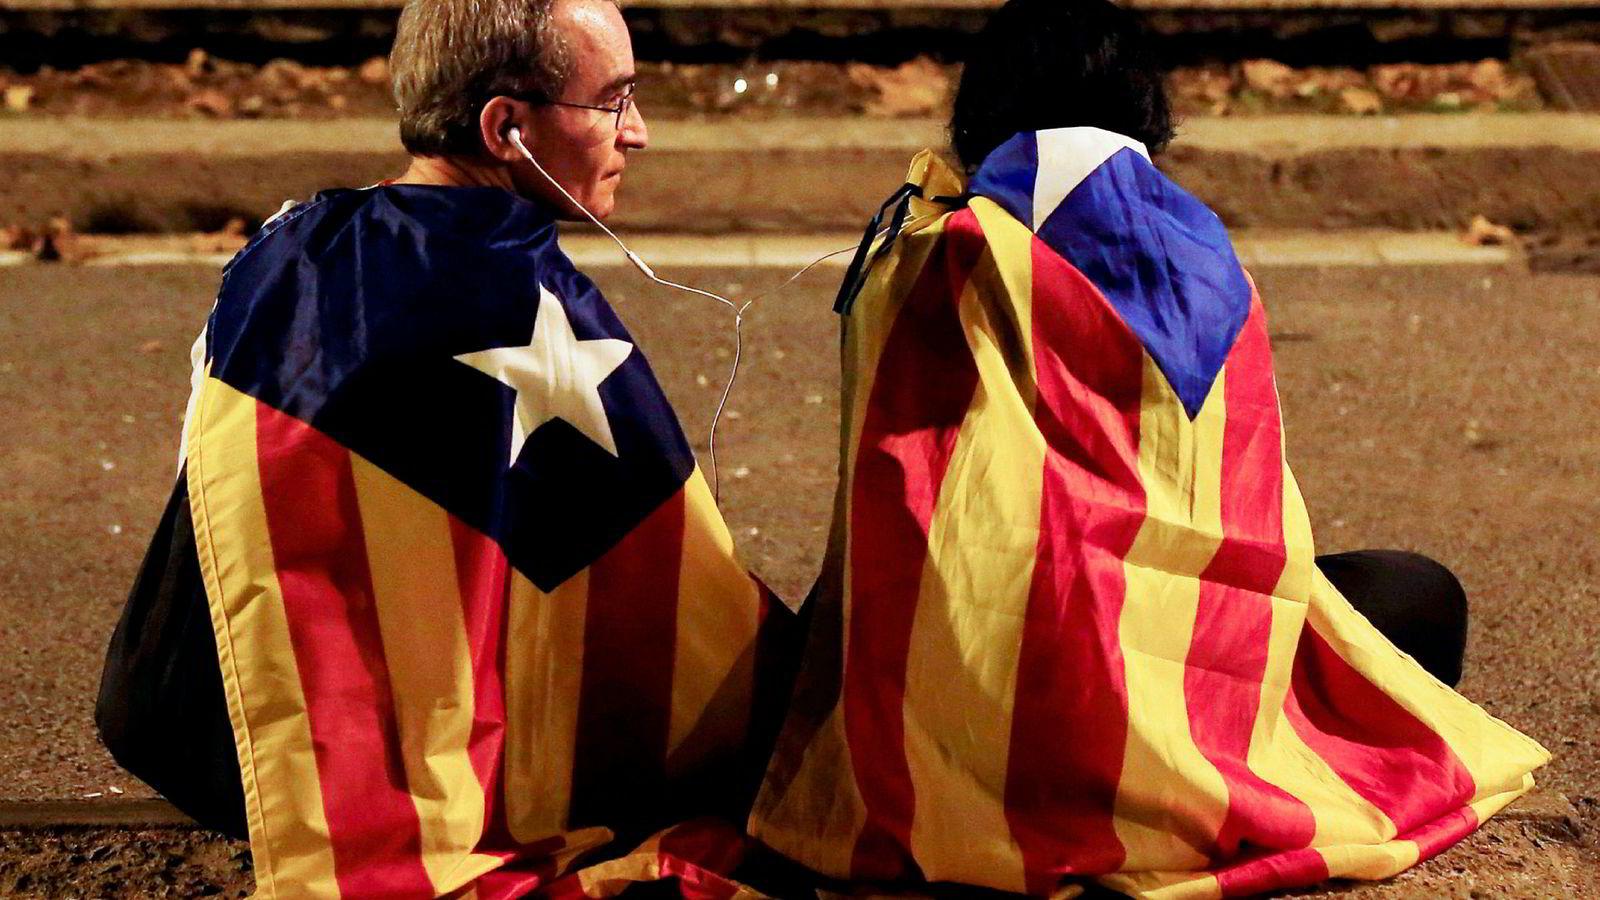 Uavhengighetstilhengere i Catalonia satt tirsdag kveld og ventet på at parlamentets leder Carles Puigdemont skulle erklære katalonernes uavhenighet. Erklæringen kom ikke.